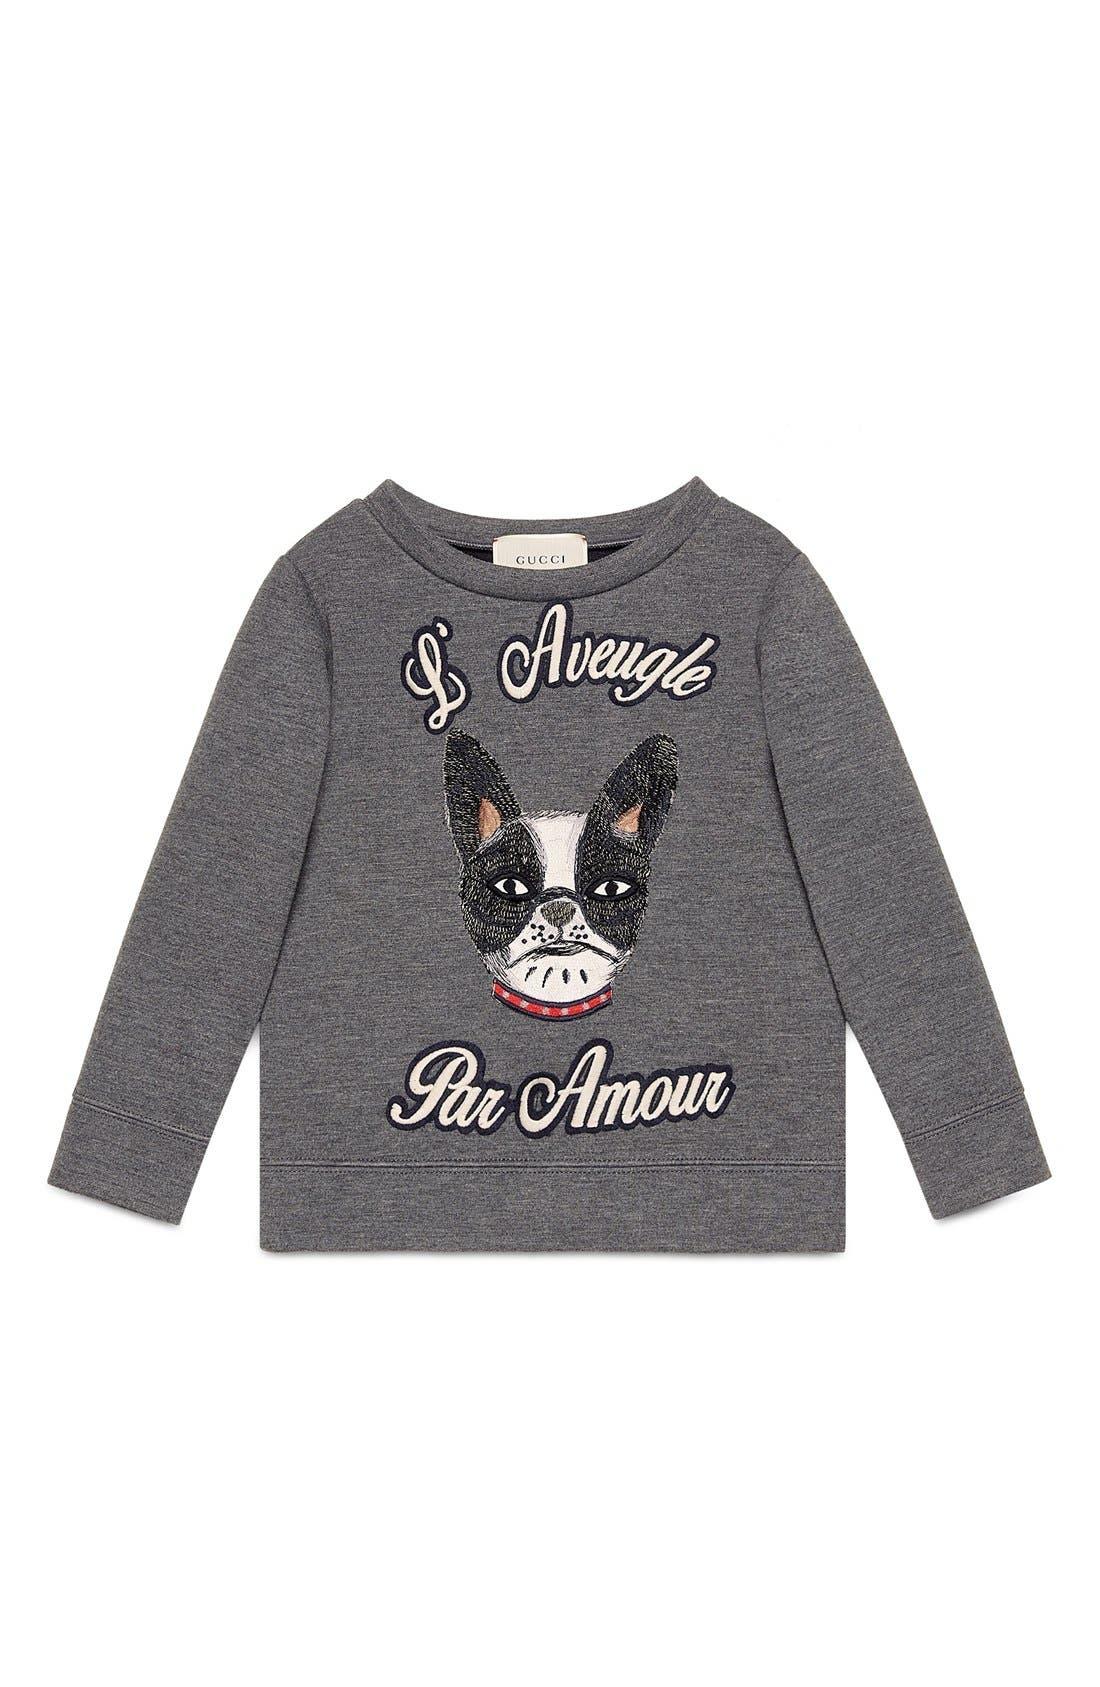 Gucci 'L'Aveugle Par Amour' Puppy Appliqué Sweatshirt (Little Boys & Big Boys)